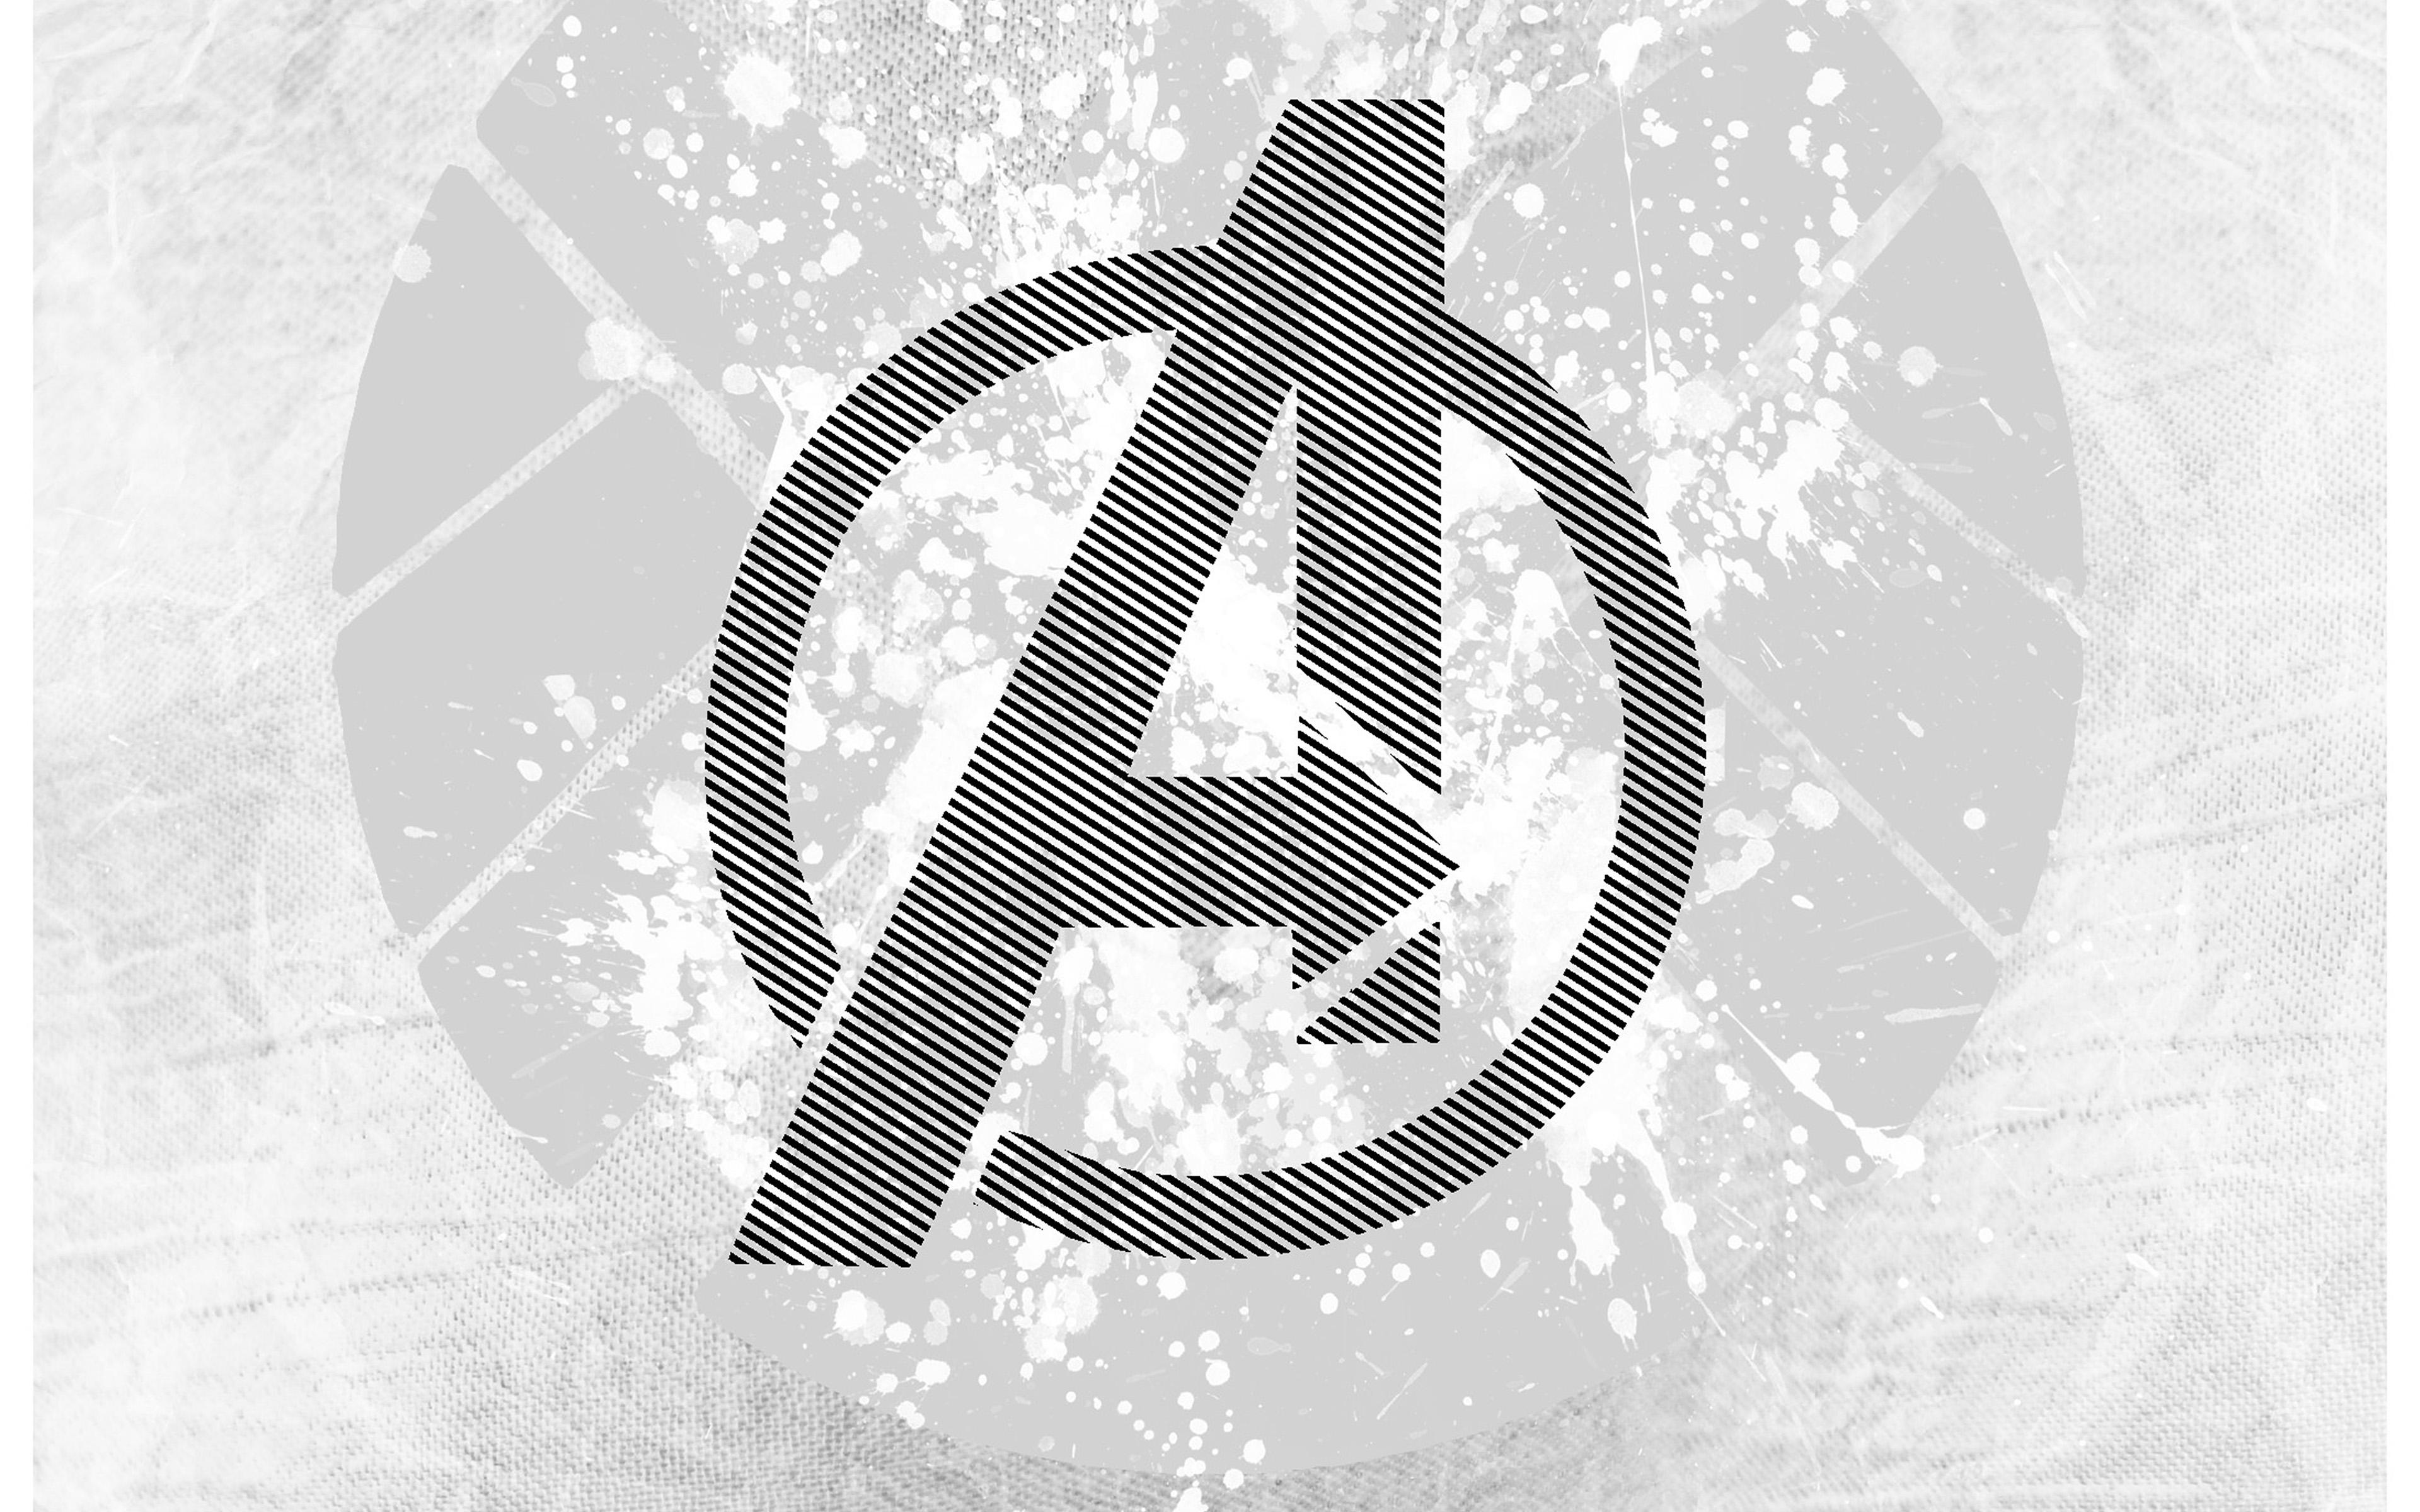 Am04 avengers logo art hero white wallpaper - Avengers a logo 4k ...